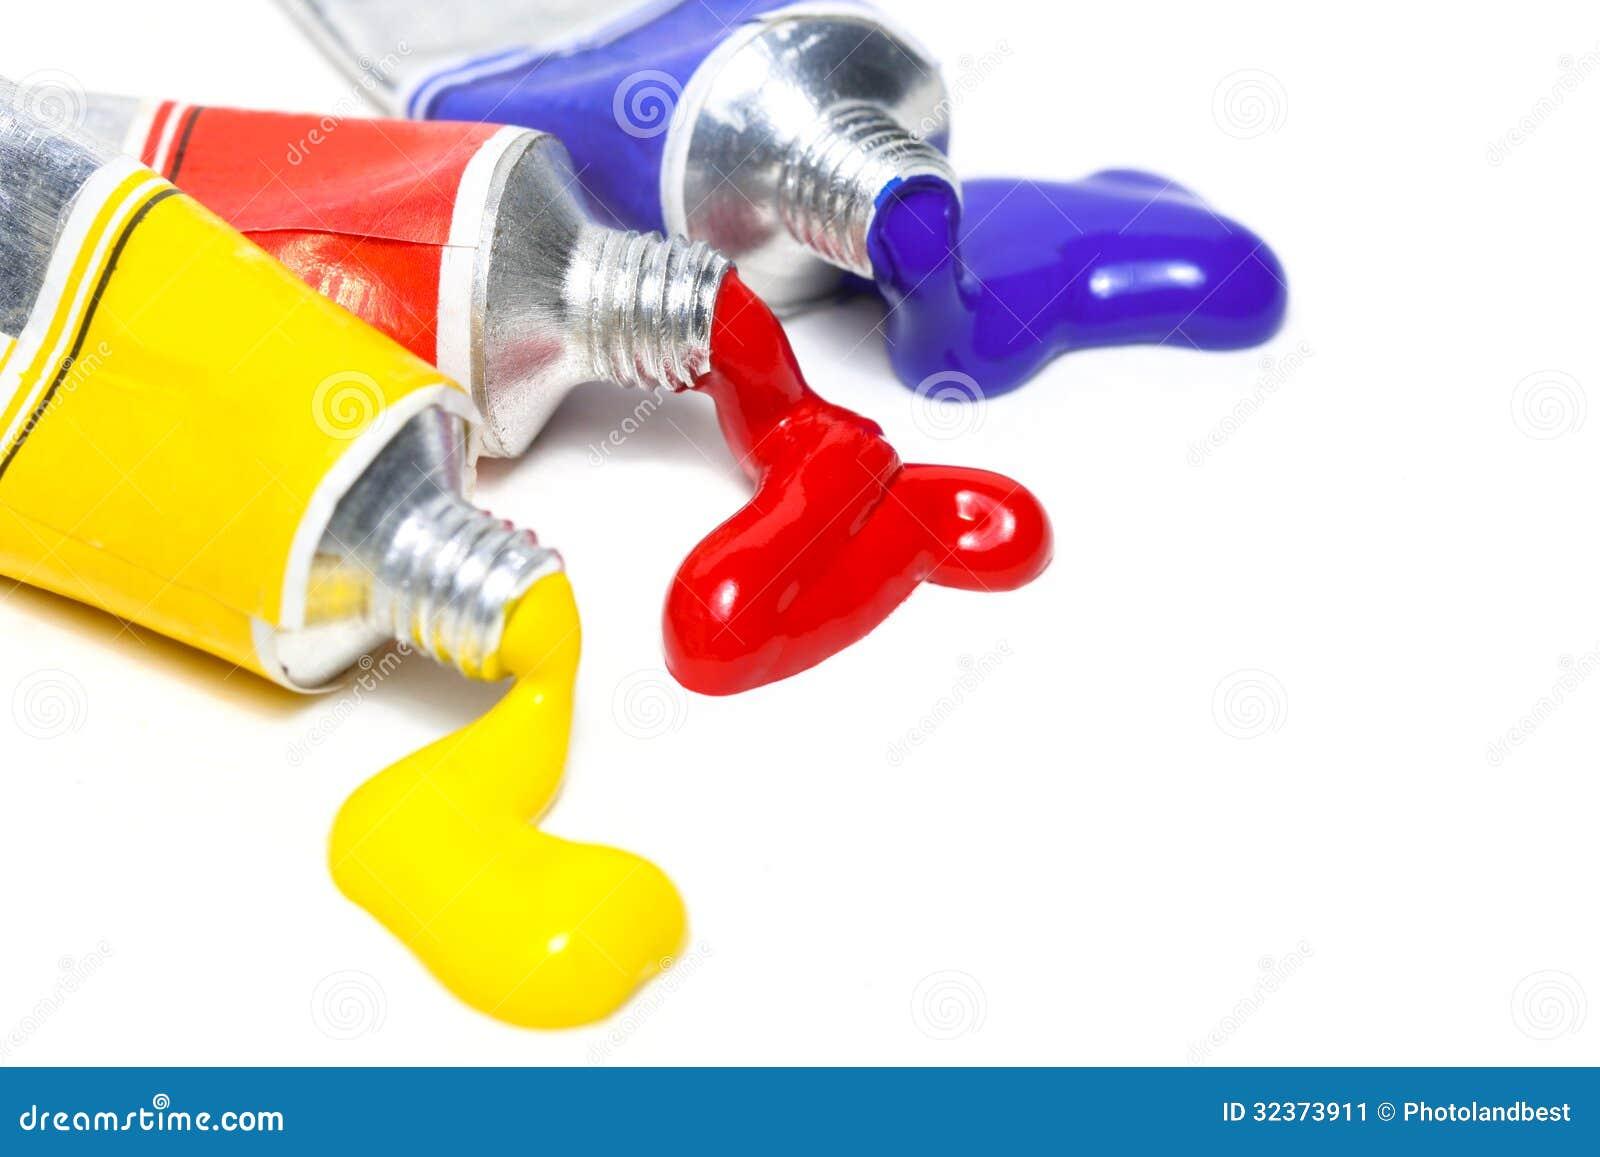 Primärfarben drei primärfarben stockbild bild hintergrund künstlerisch